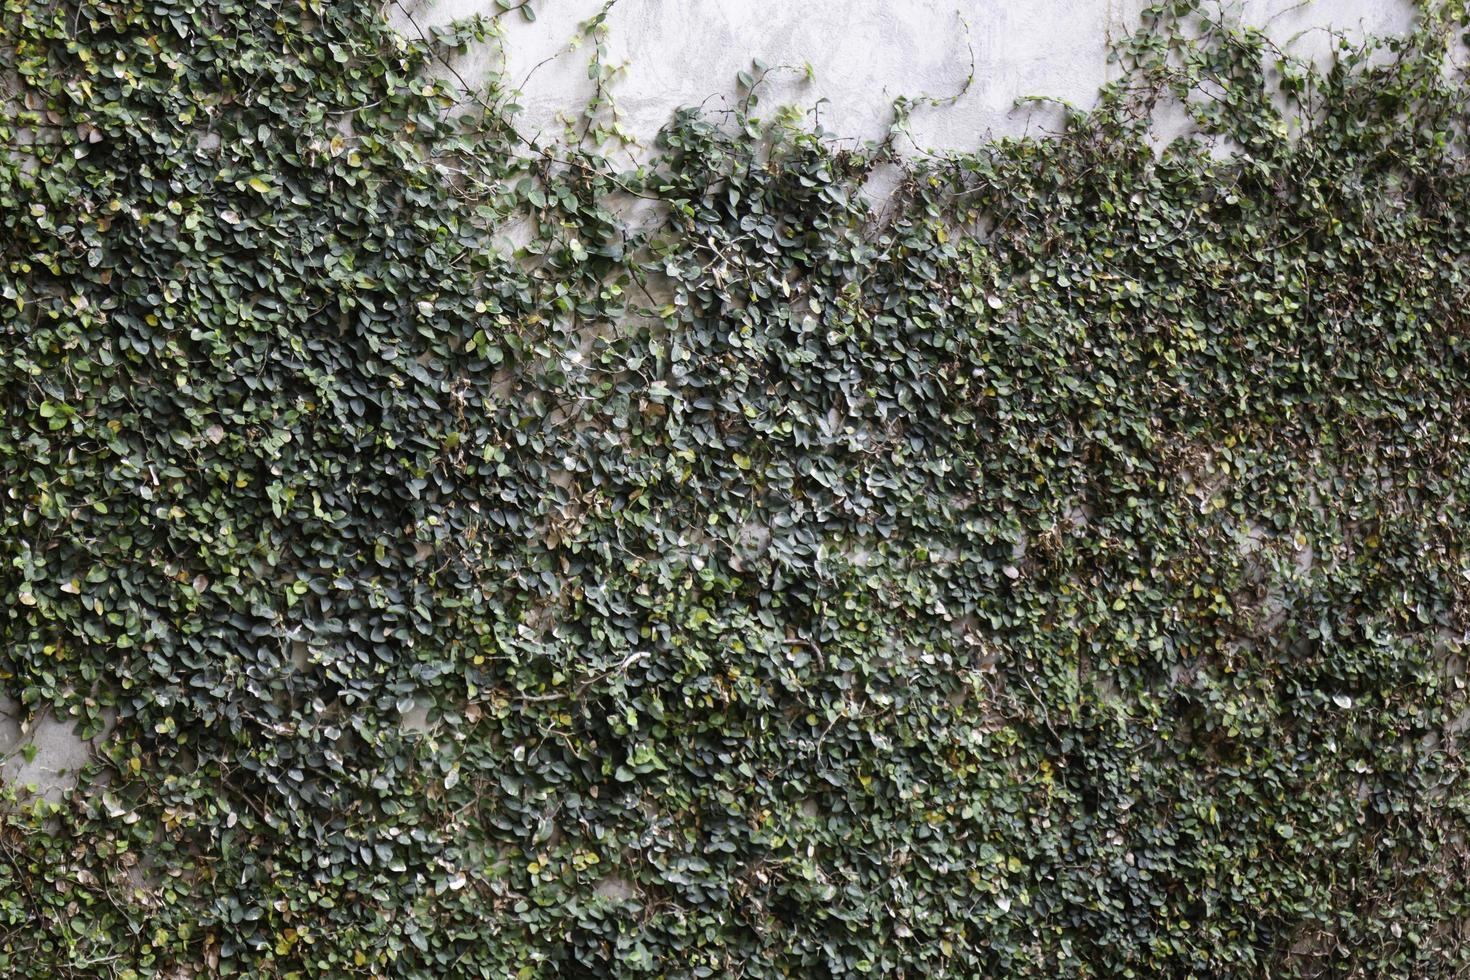 klimop die tegen een muur opgroeit foto